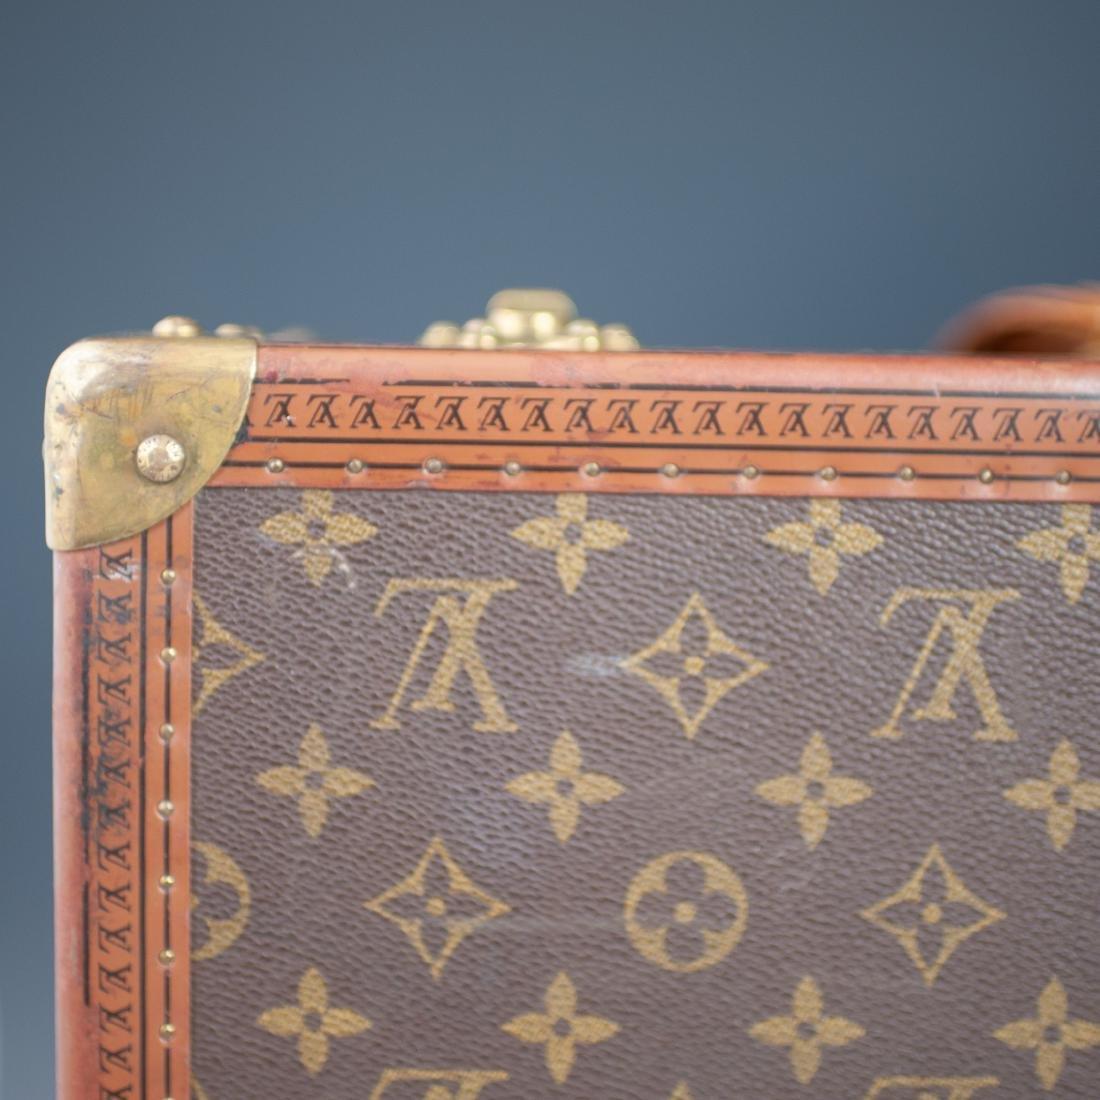 Vintage Louis Vuitton Suitcase - 2